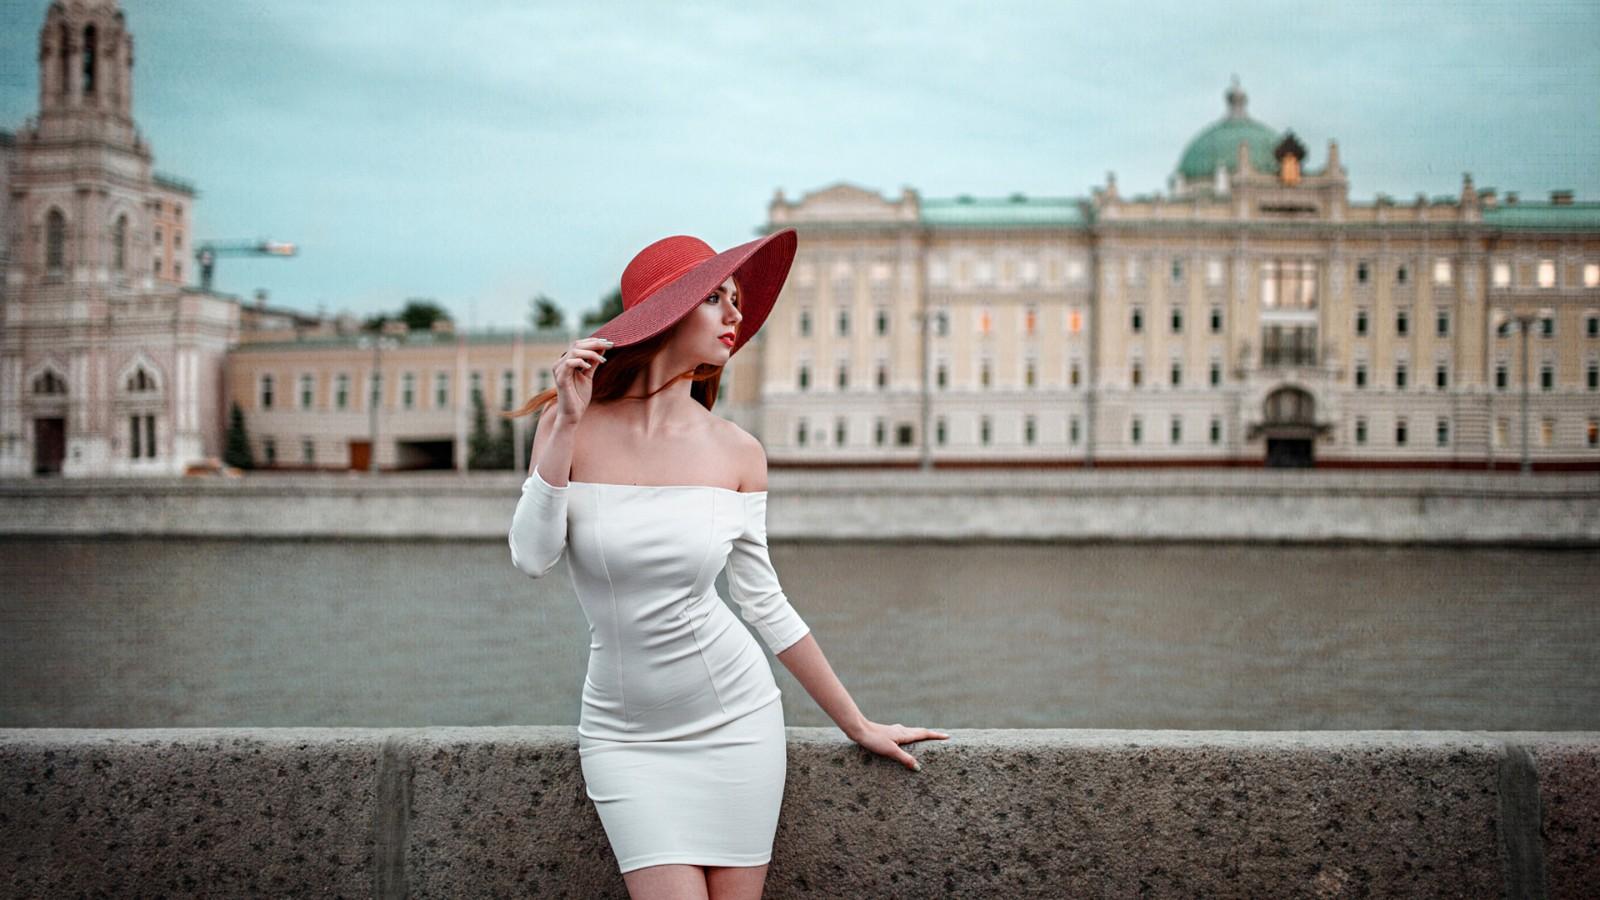 美女,帽子,白色礼服,短裙,优美姿势,夏天,莫斯科,城市,美女桌面壁纸